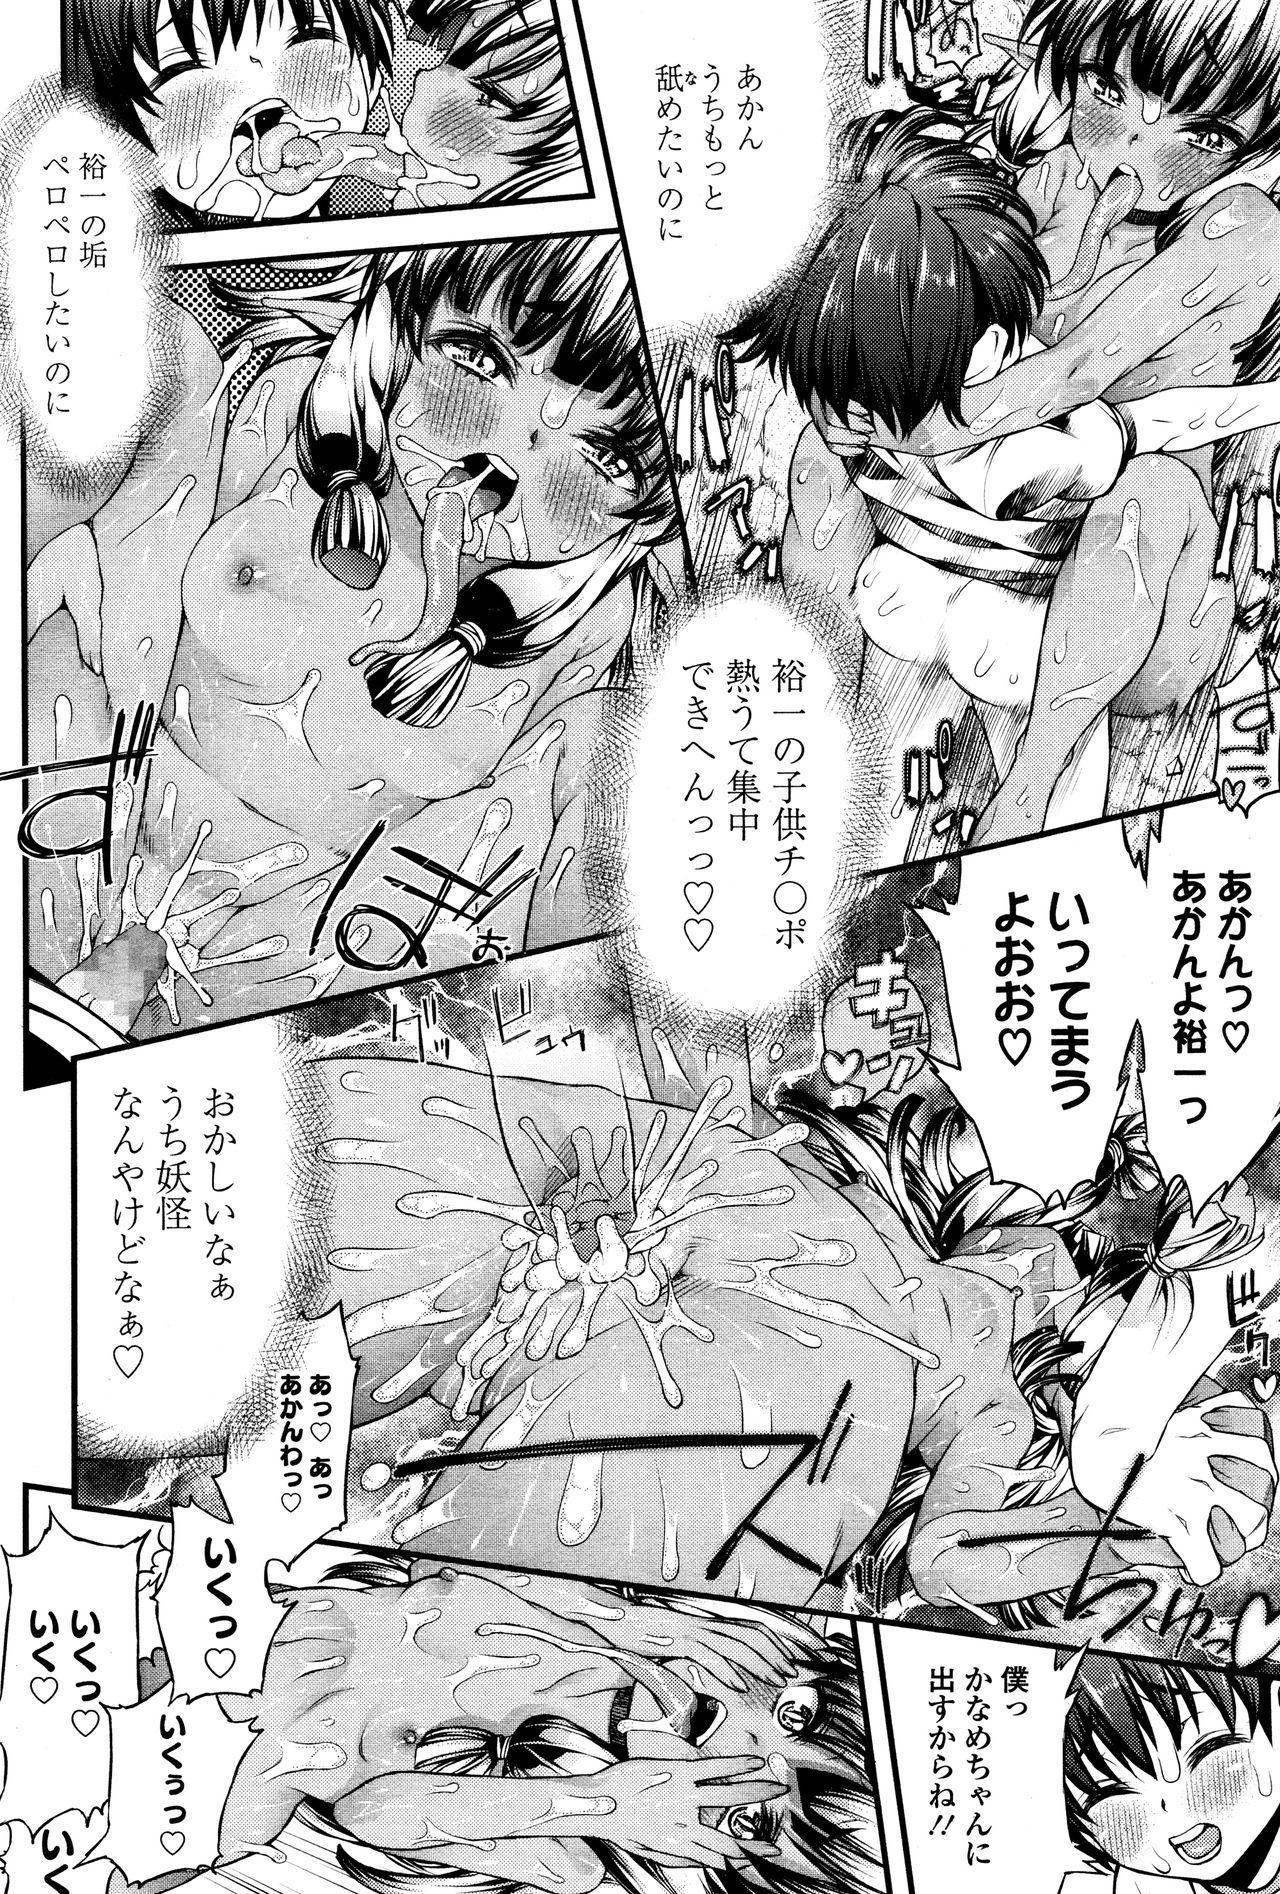 Towako Ichi 347